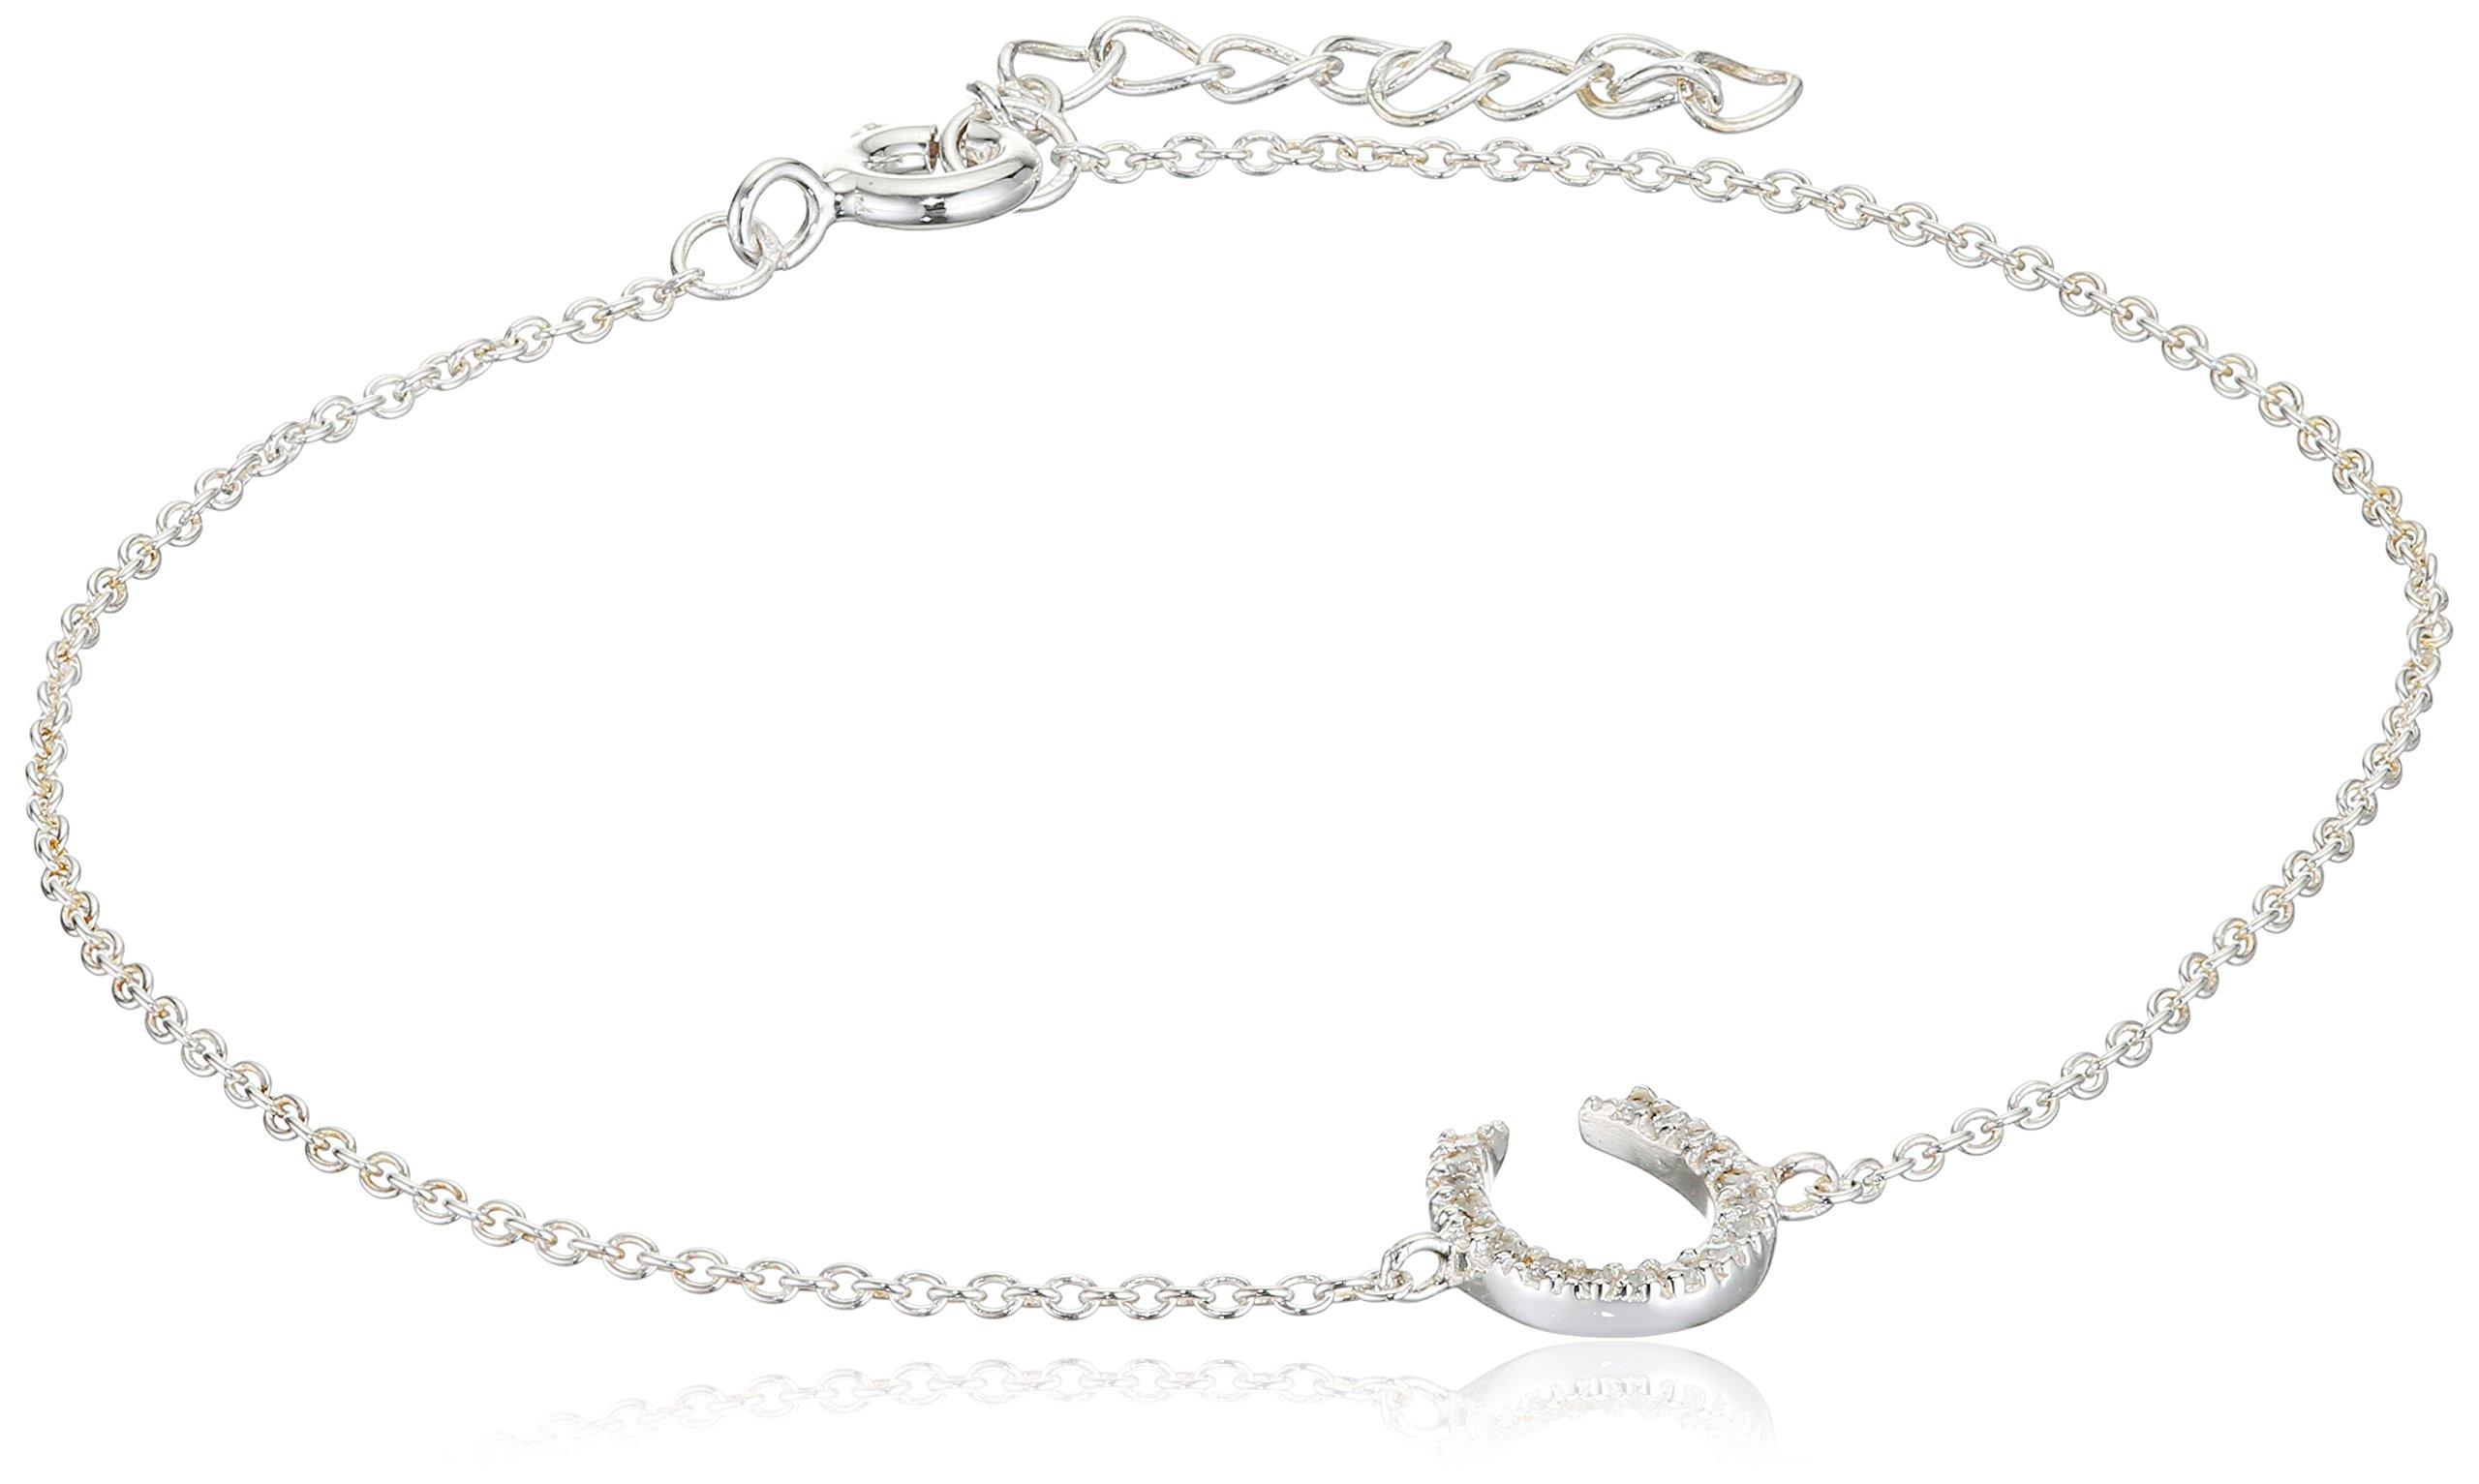 Elements Silver - Bracciale da donna con zirconia cubica, argento sterling 925, 220 mm, cod. B4227C